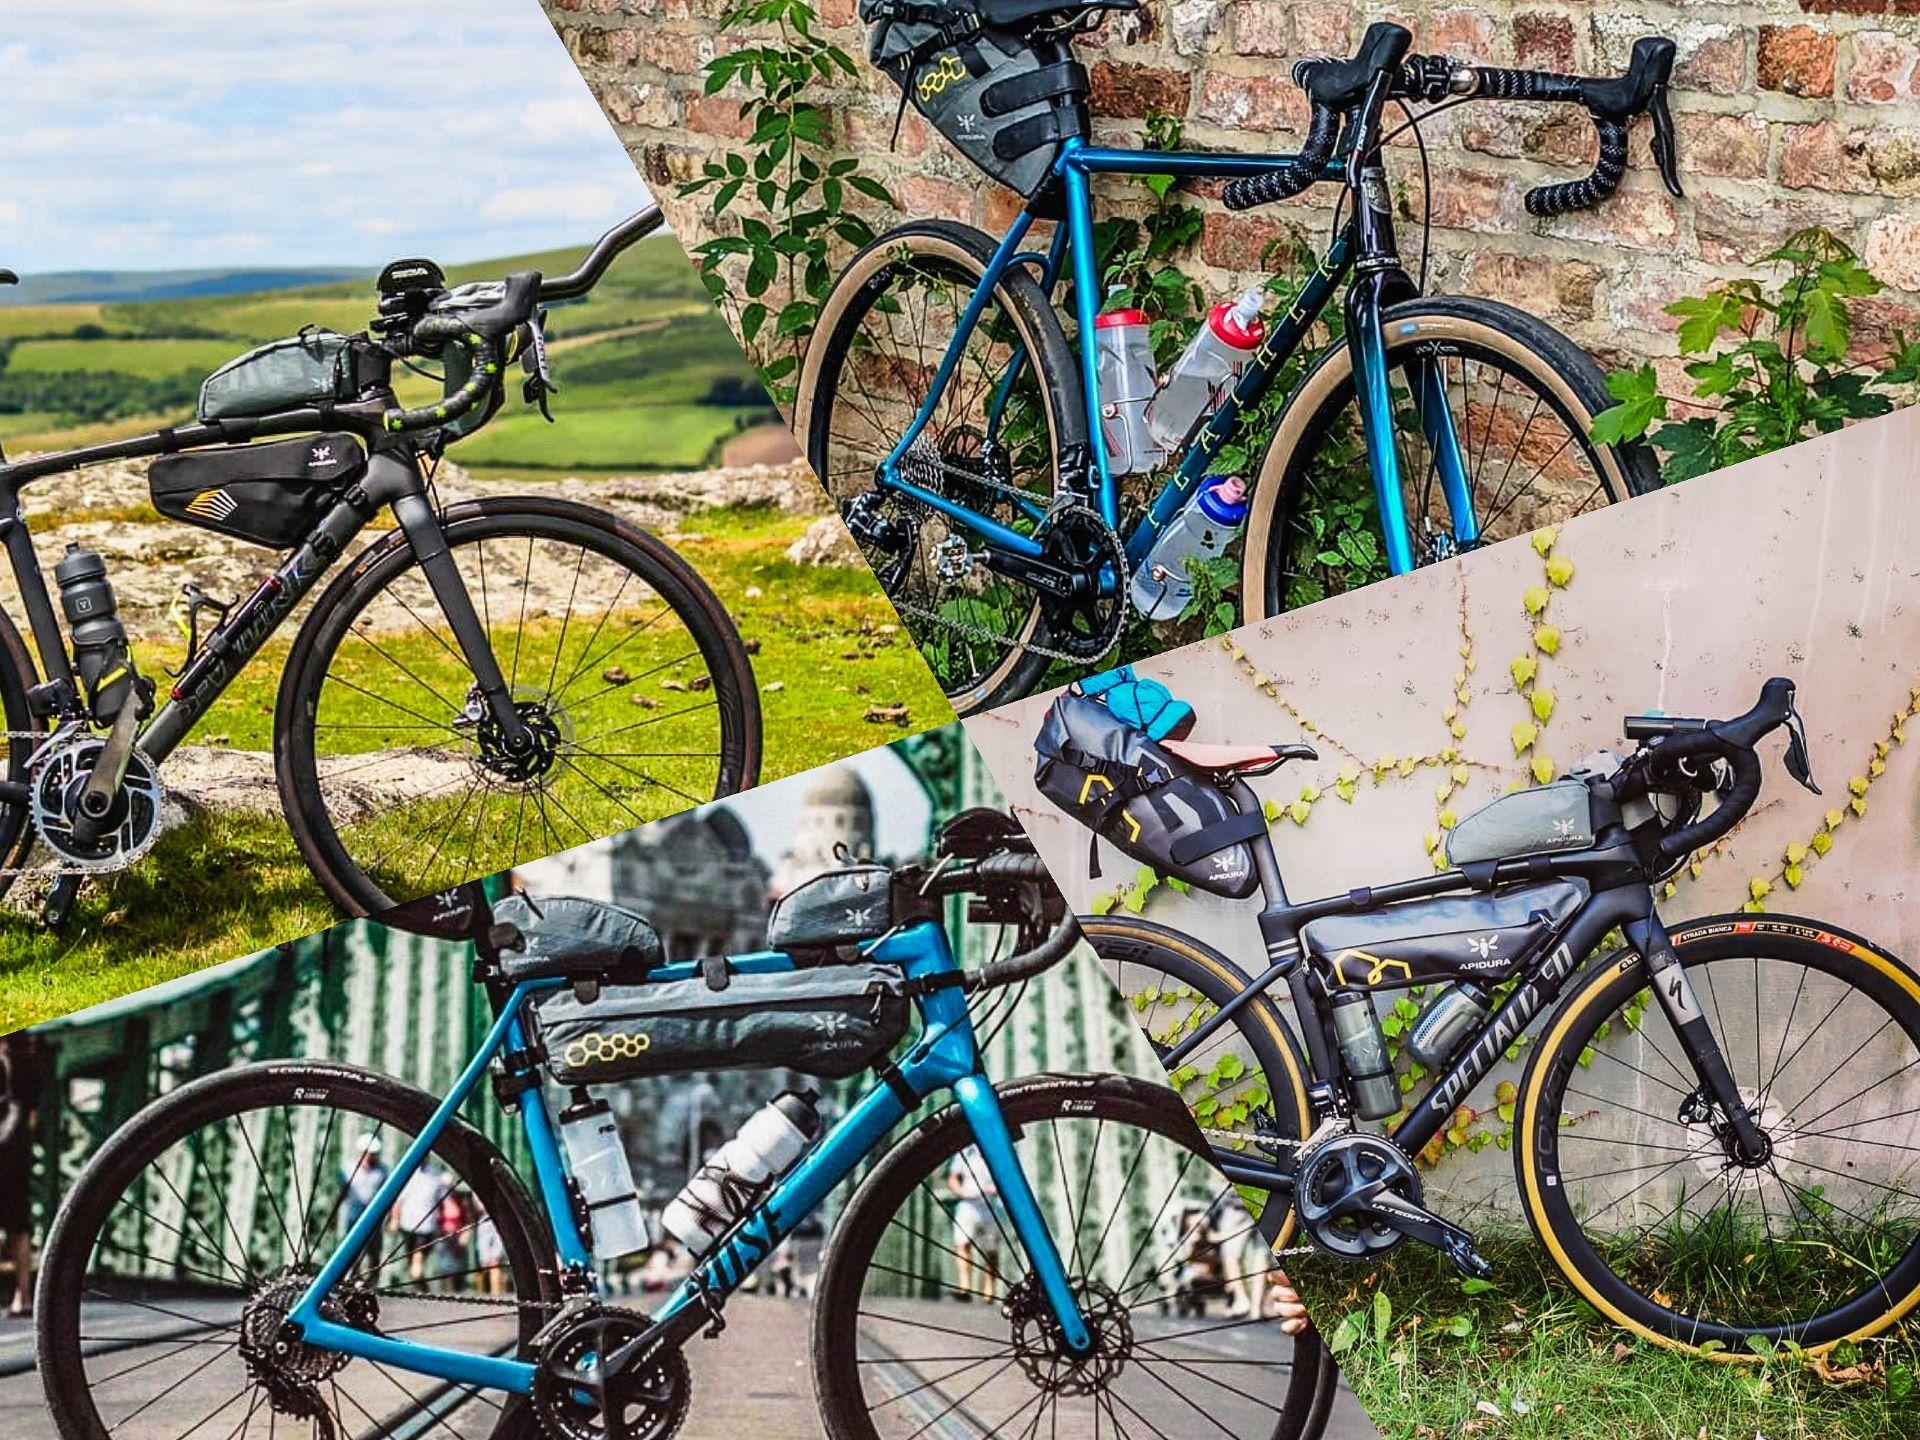 Die Transcontinental Race Bikes 2019 die Du lieben wirst